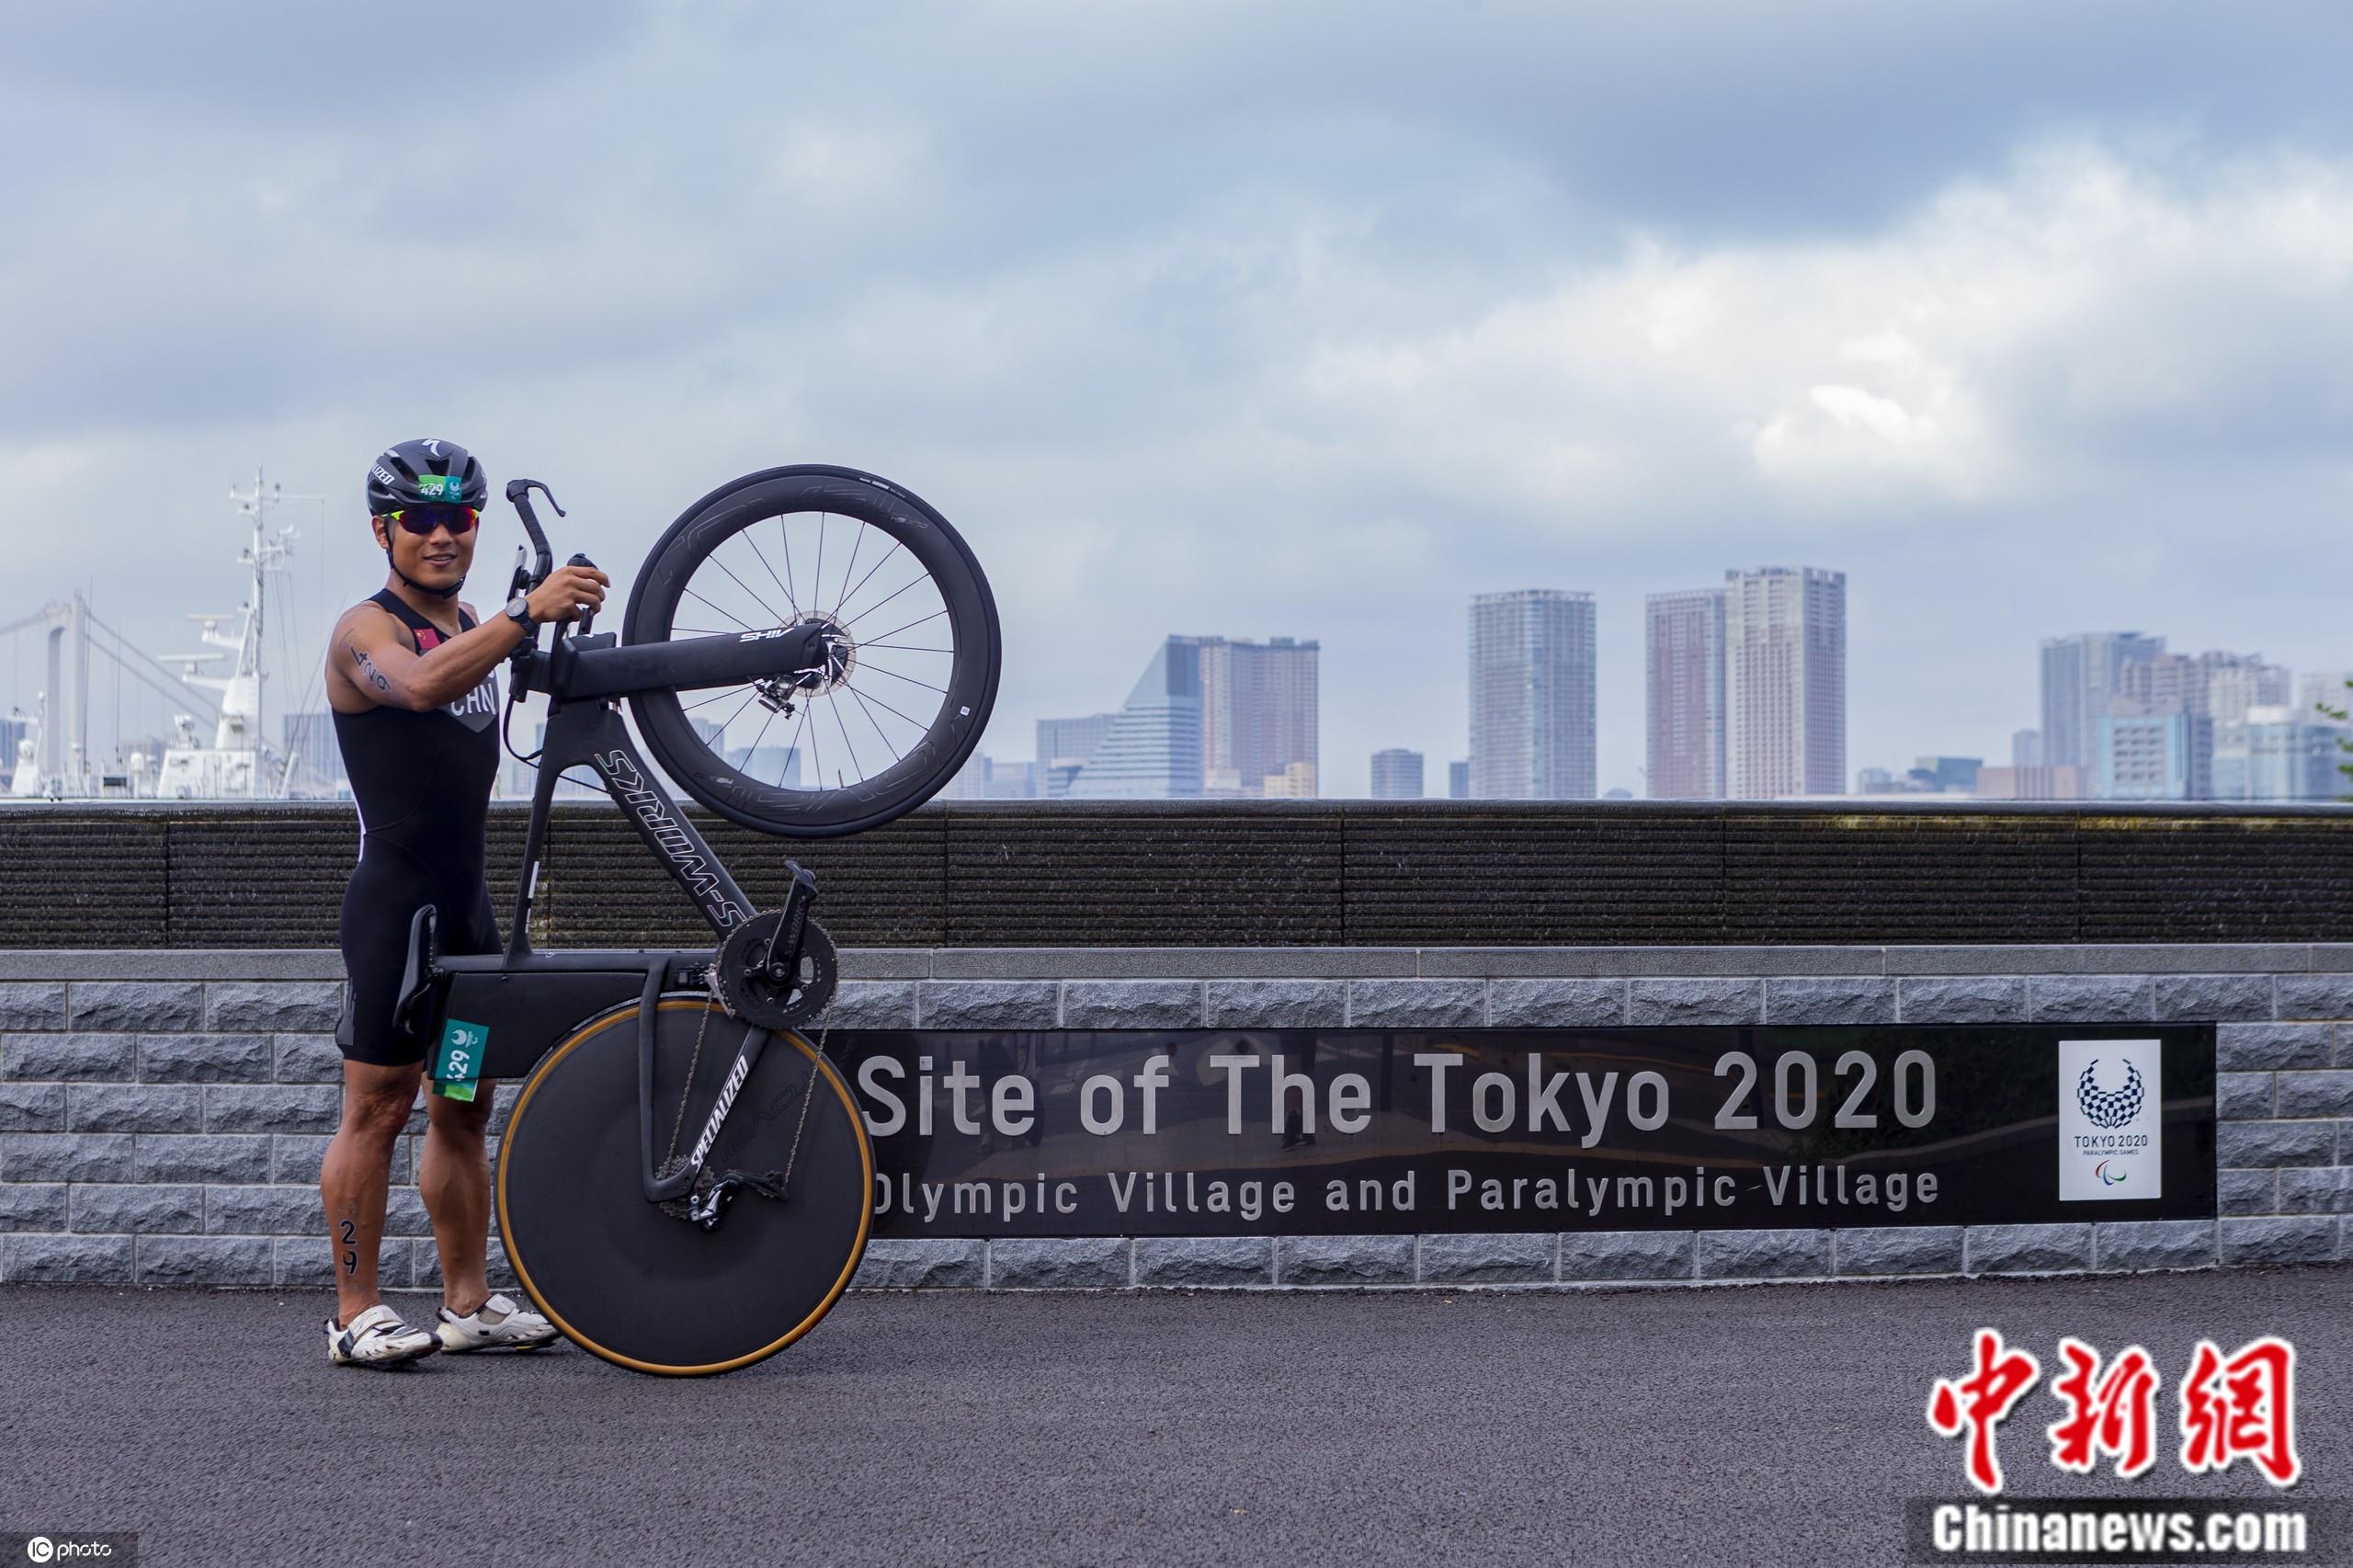 王家超终于登上心心念念的东京残奥会舞台。图片来源:IC photo